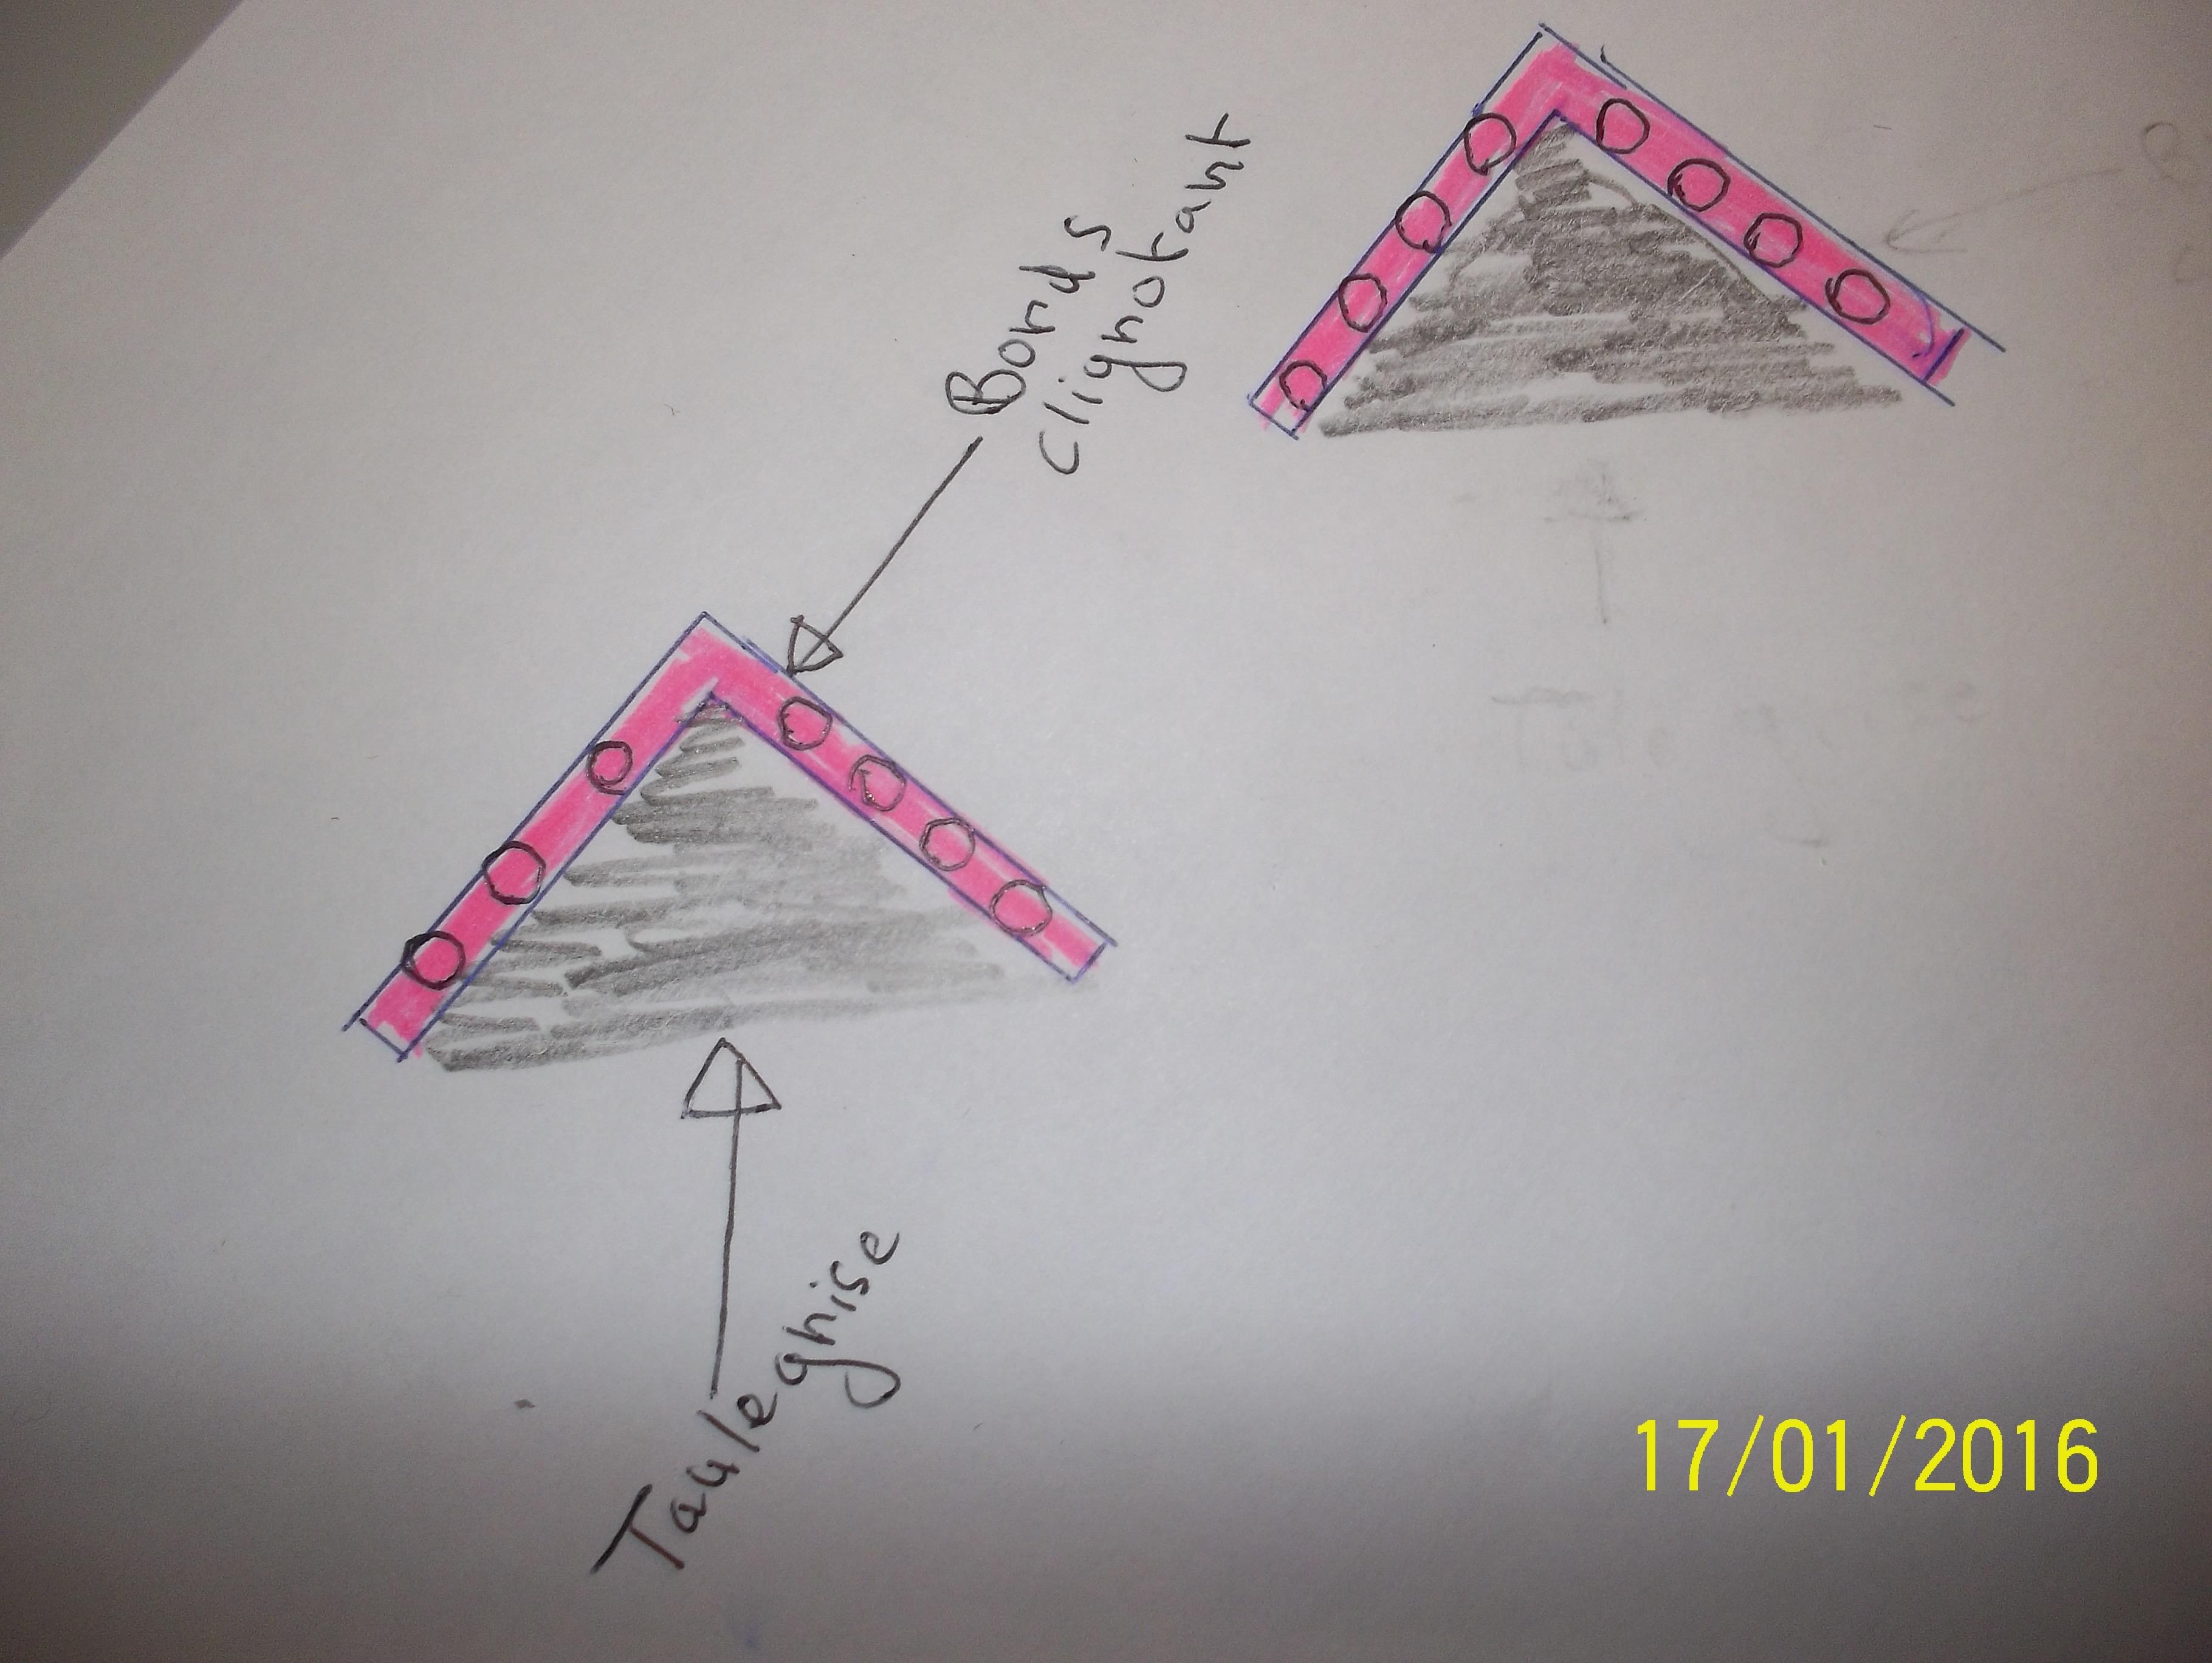 2015: le 25/12 à 17H30 - Ovni en Forme de triangle -  Ovnis à vallée du Rhône - Rhône (dép.69) 7388151005342